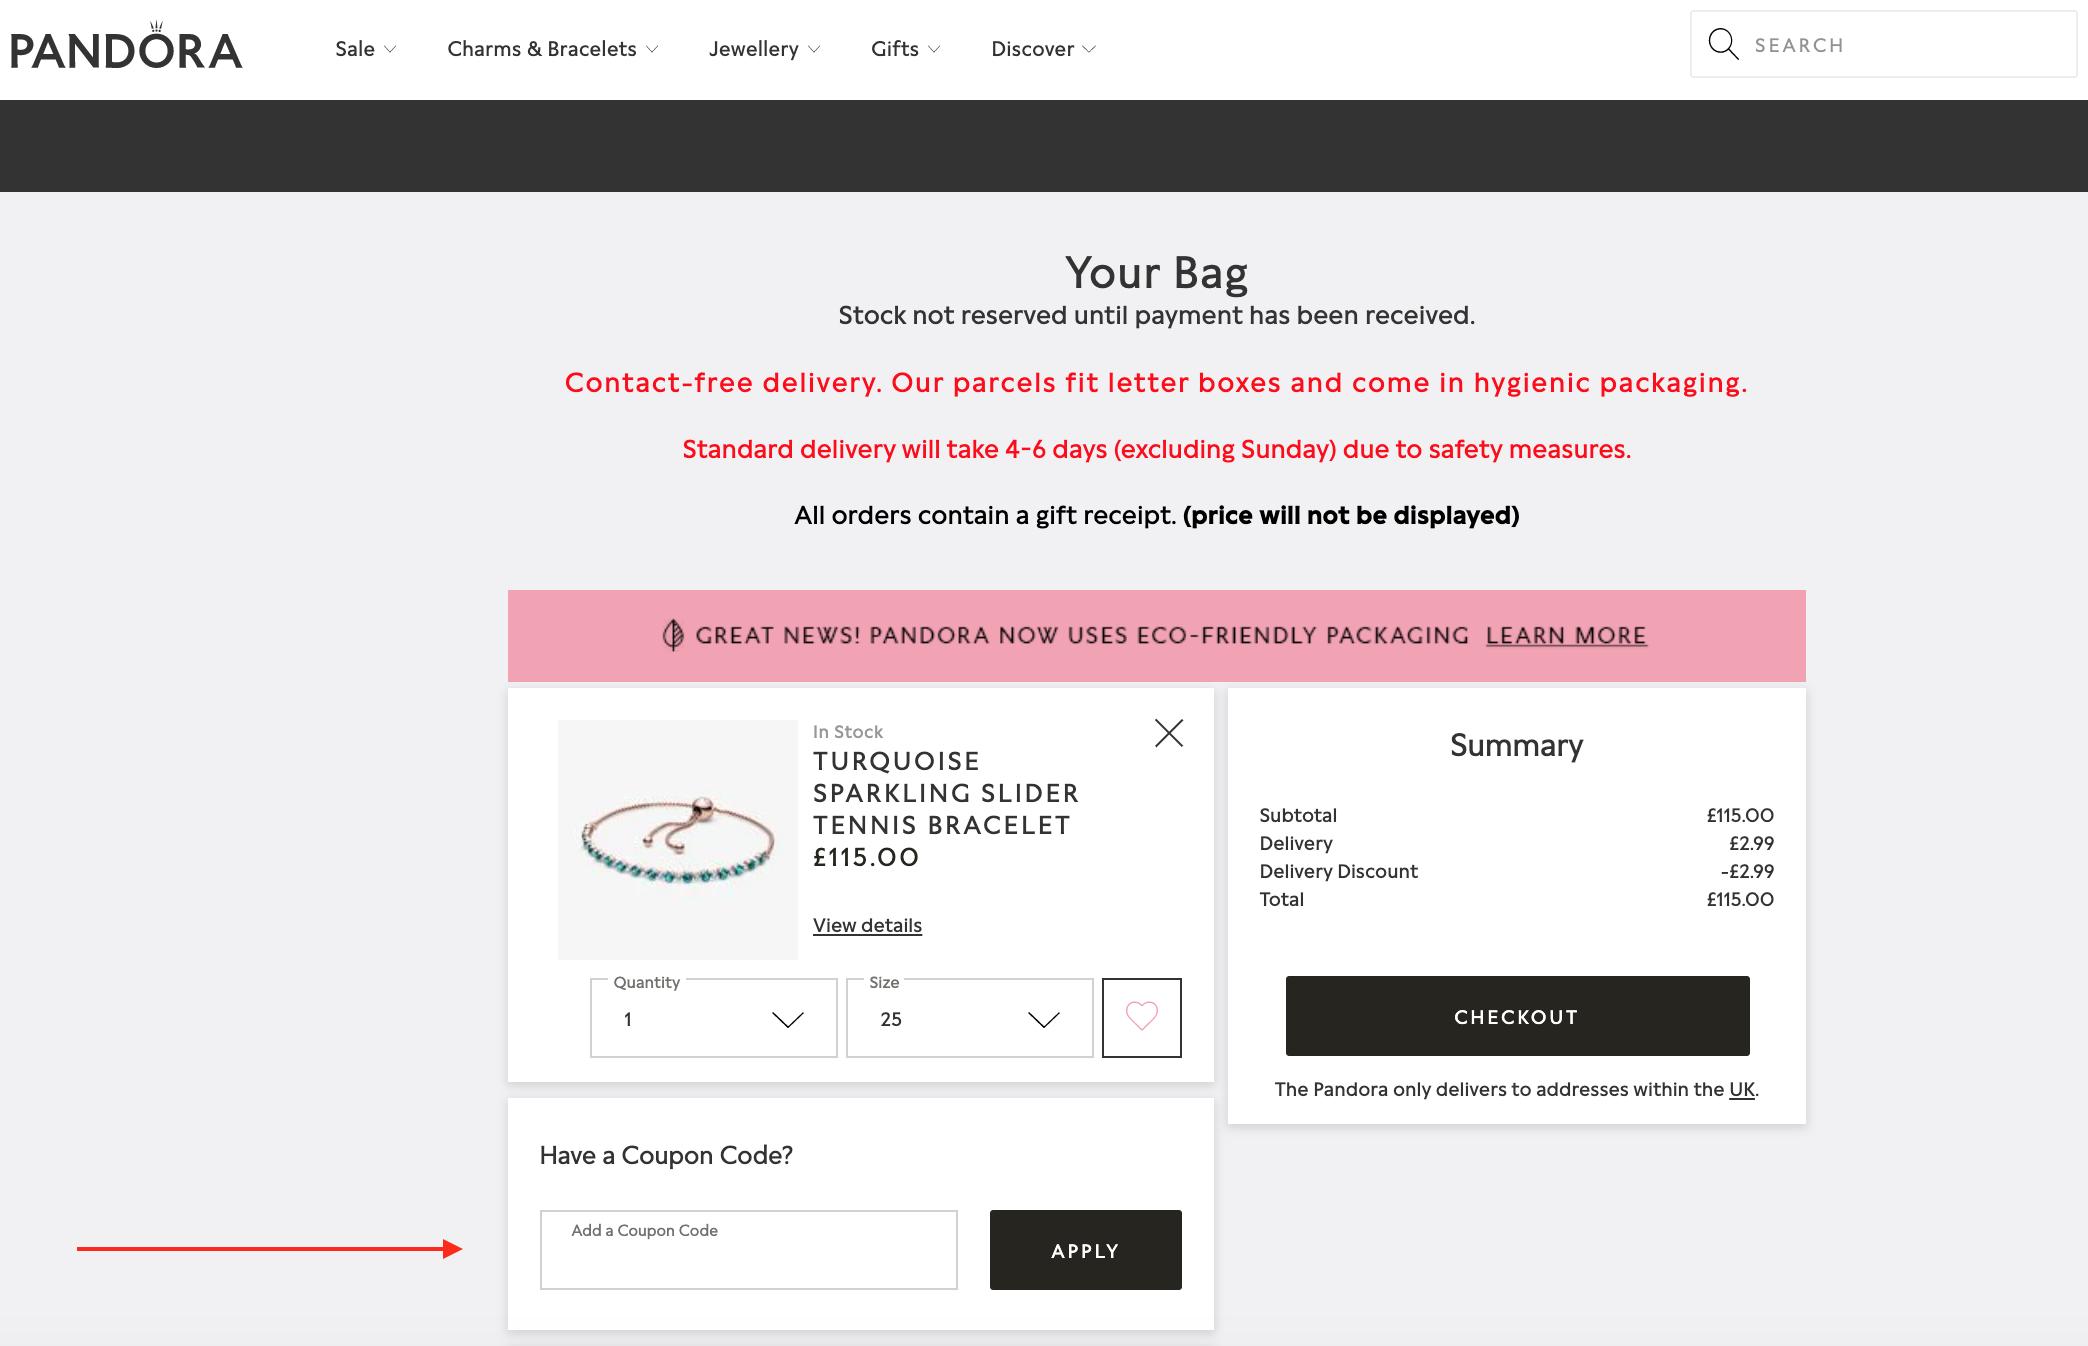 pandora shop voucher-voucher_redemption-how-to